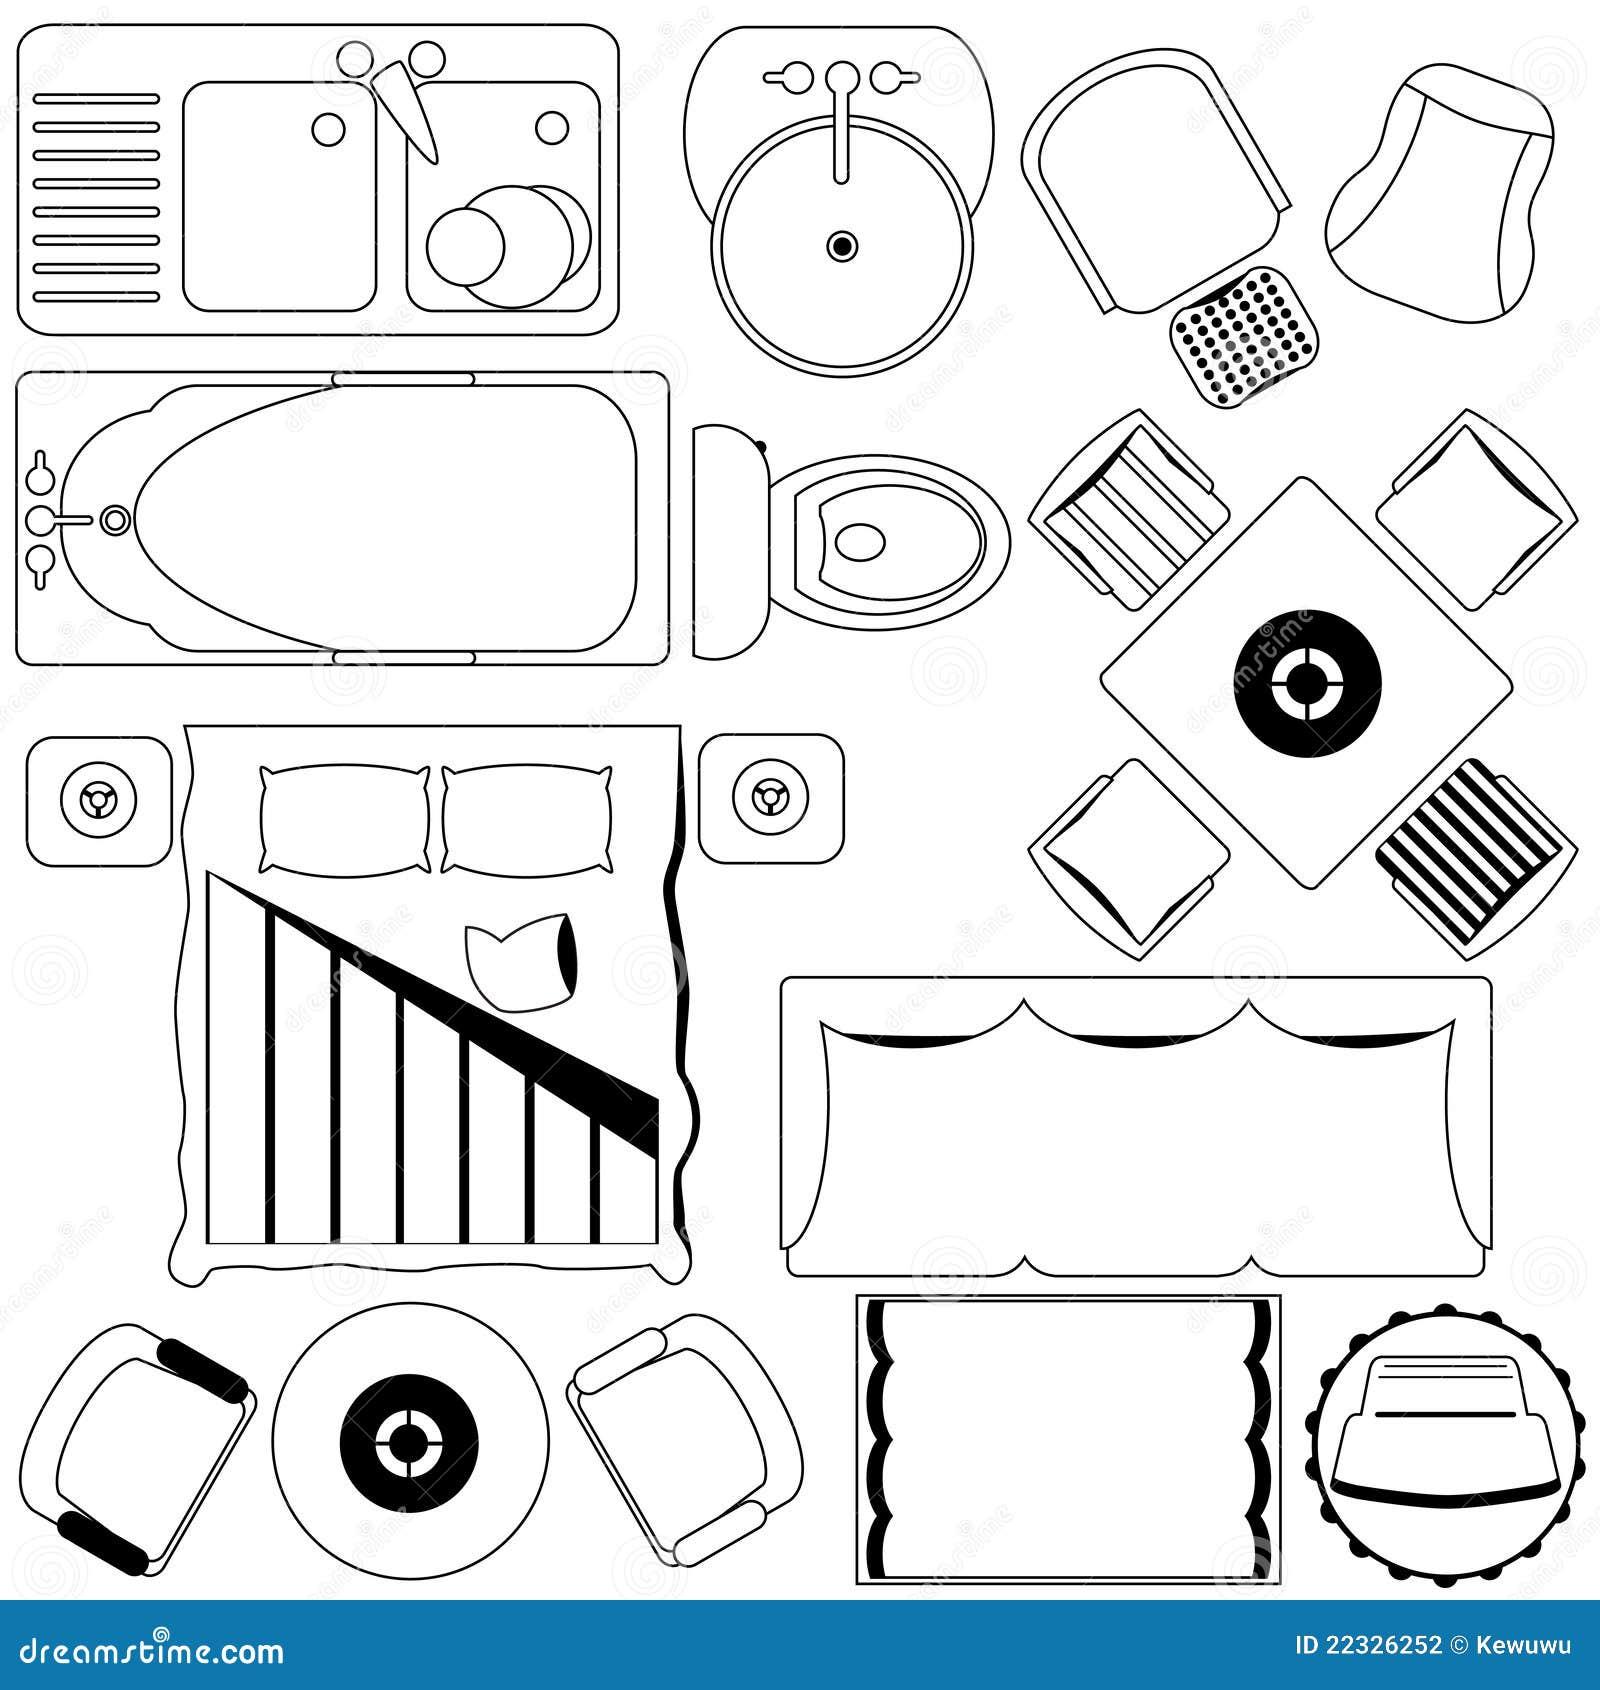 Het eenvoudige plan van het meubilair van de vloer overzicht vector illustratie afbeelding - Meubilair van de ingang spiegel ...